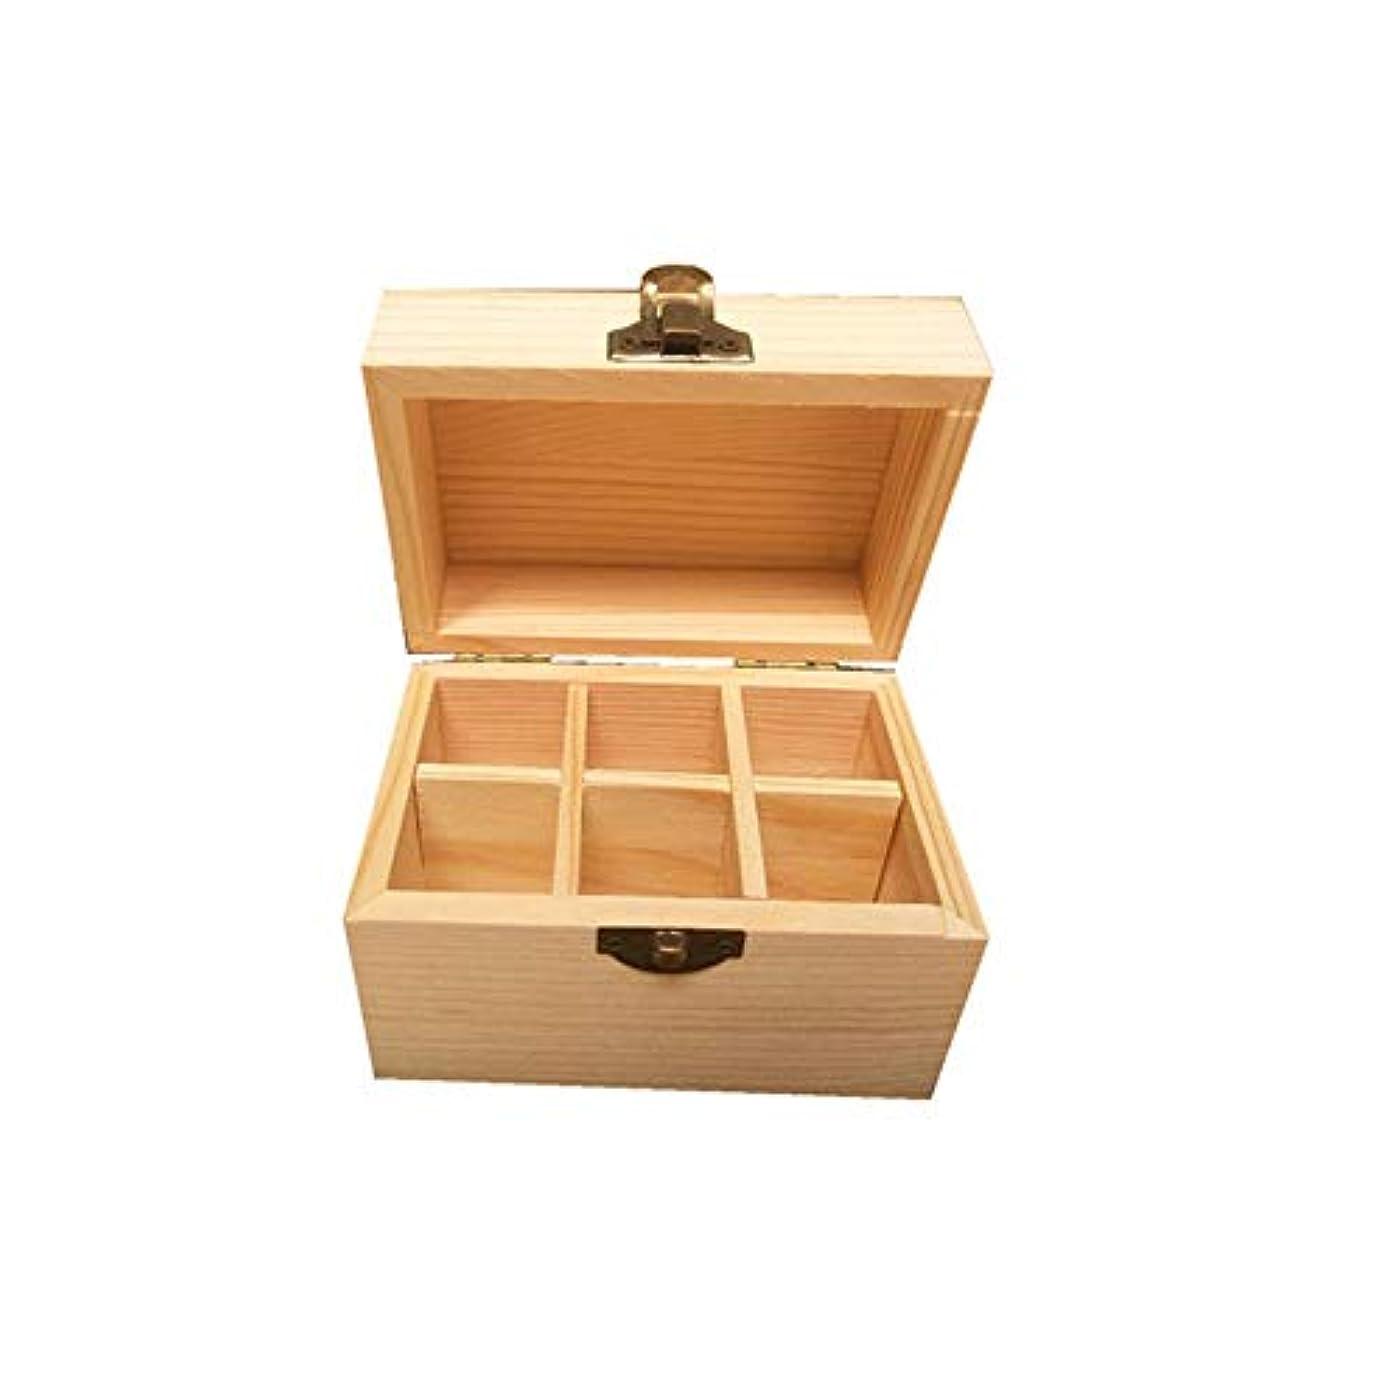 金銭的な無意味第エッセンシャルオイルストレージボックス 6ボトル木製エッセンシャルオイルストレージボックスパーフェクトエッセンシャルオイルケース 旅行およびプレゼンテーション用 (色 : Natural, サイズ : 12X8X8.5CM)